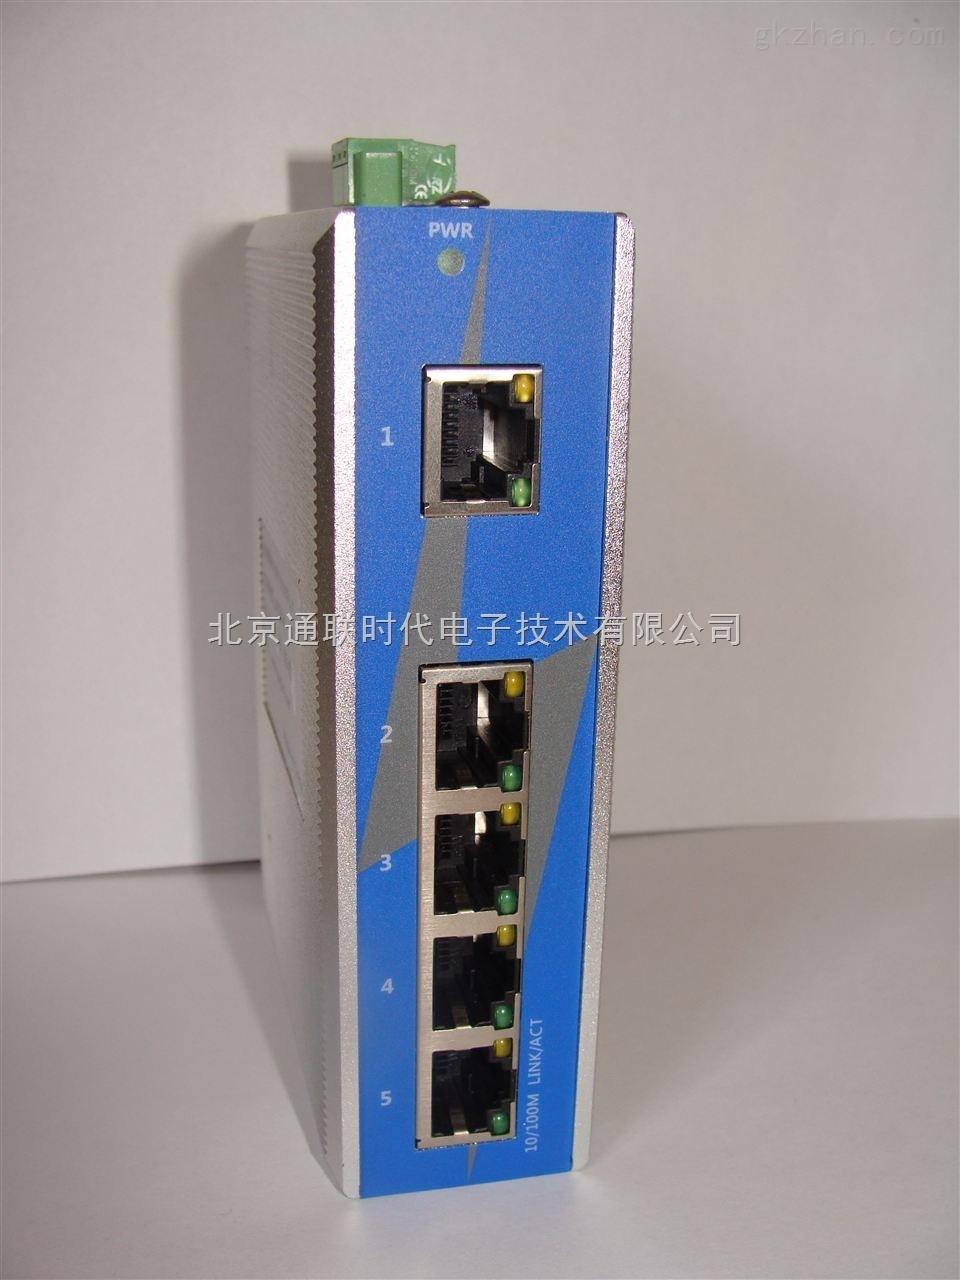 5电口工业交换机